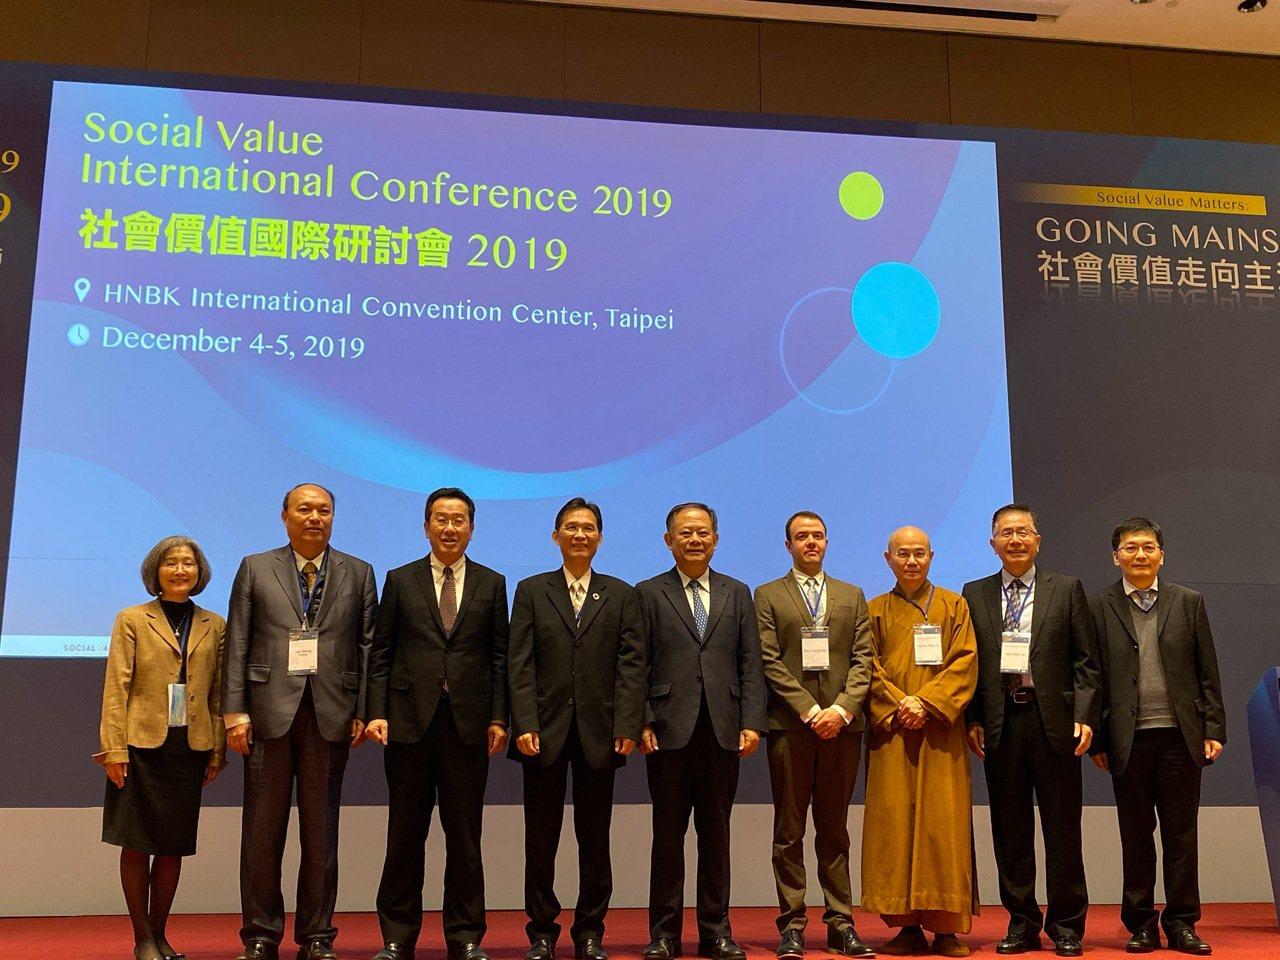 2019社會價值年會首次移師亞洲。